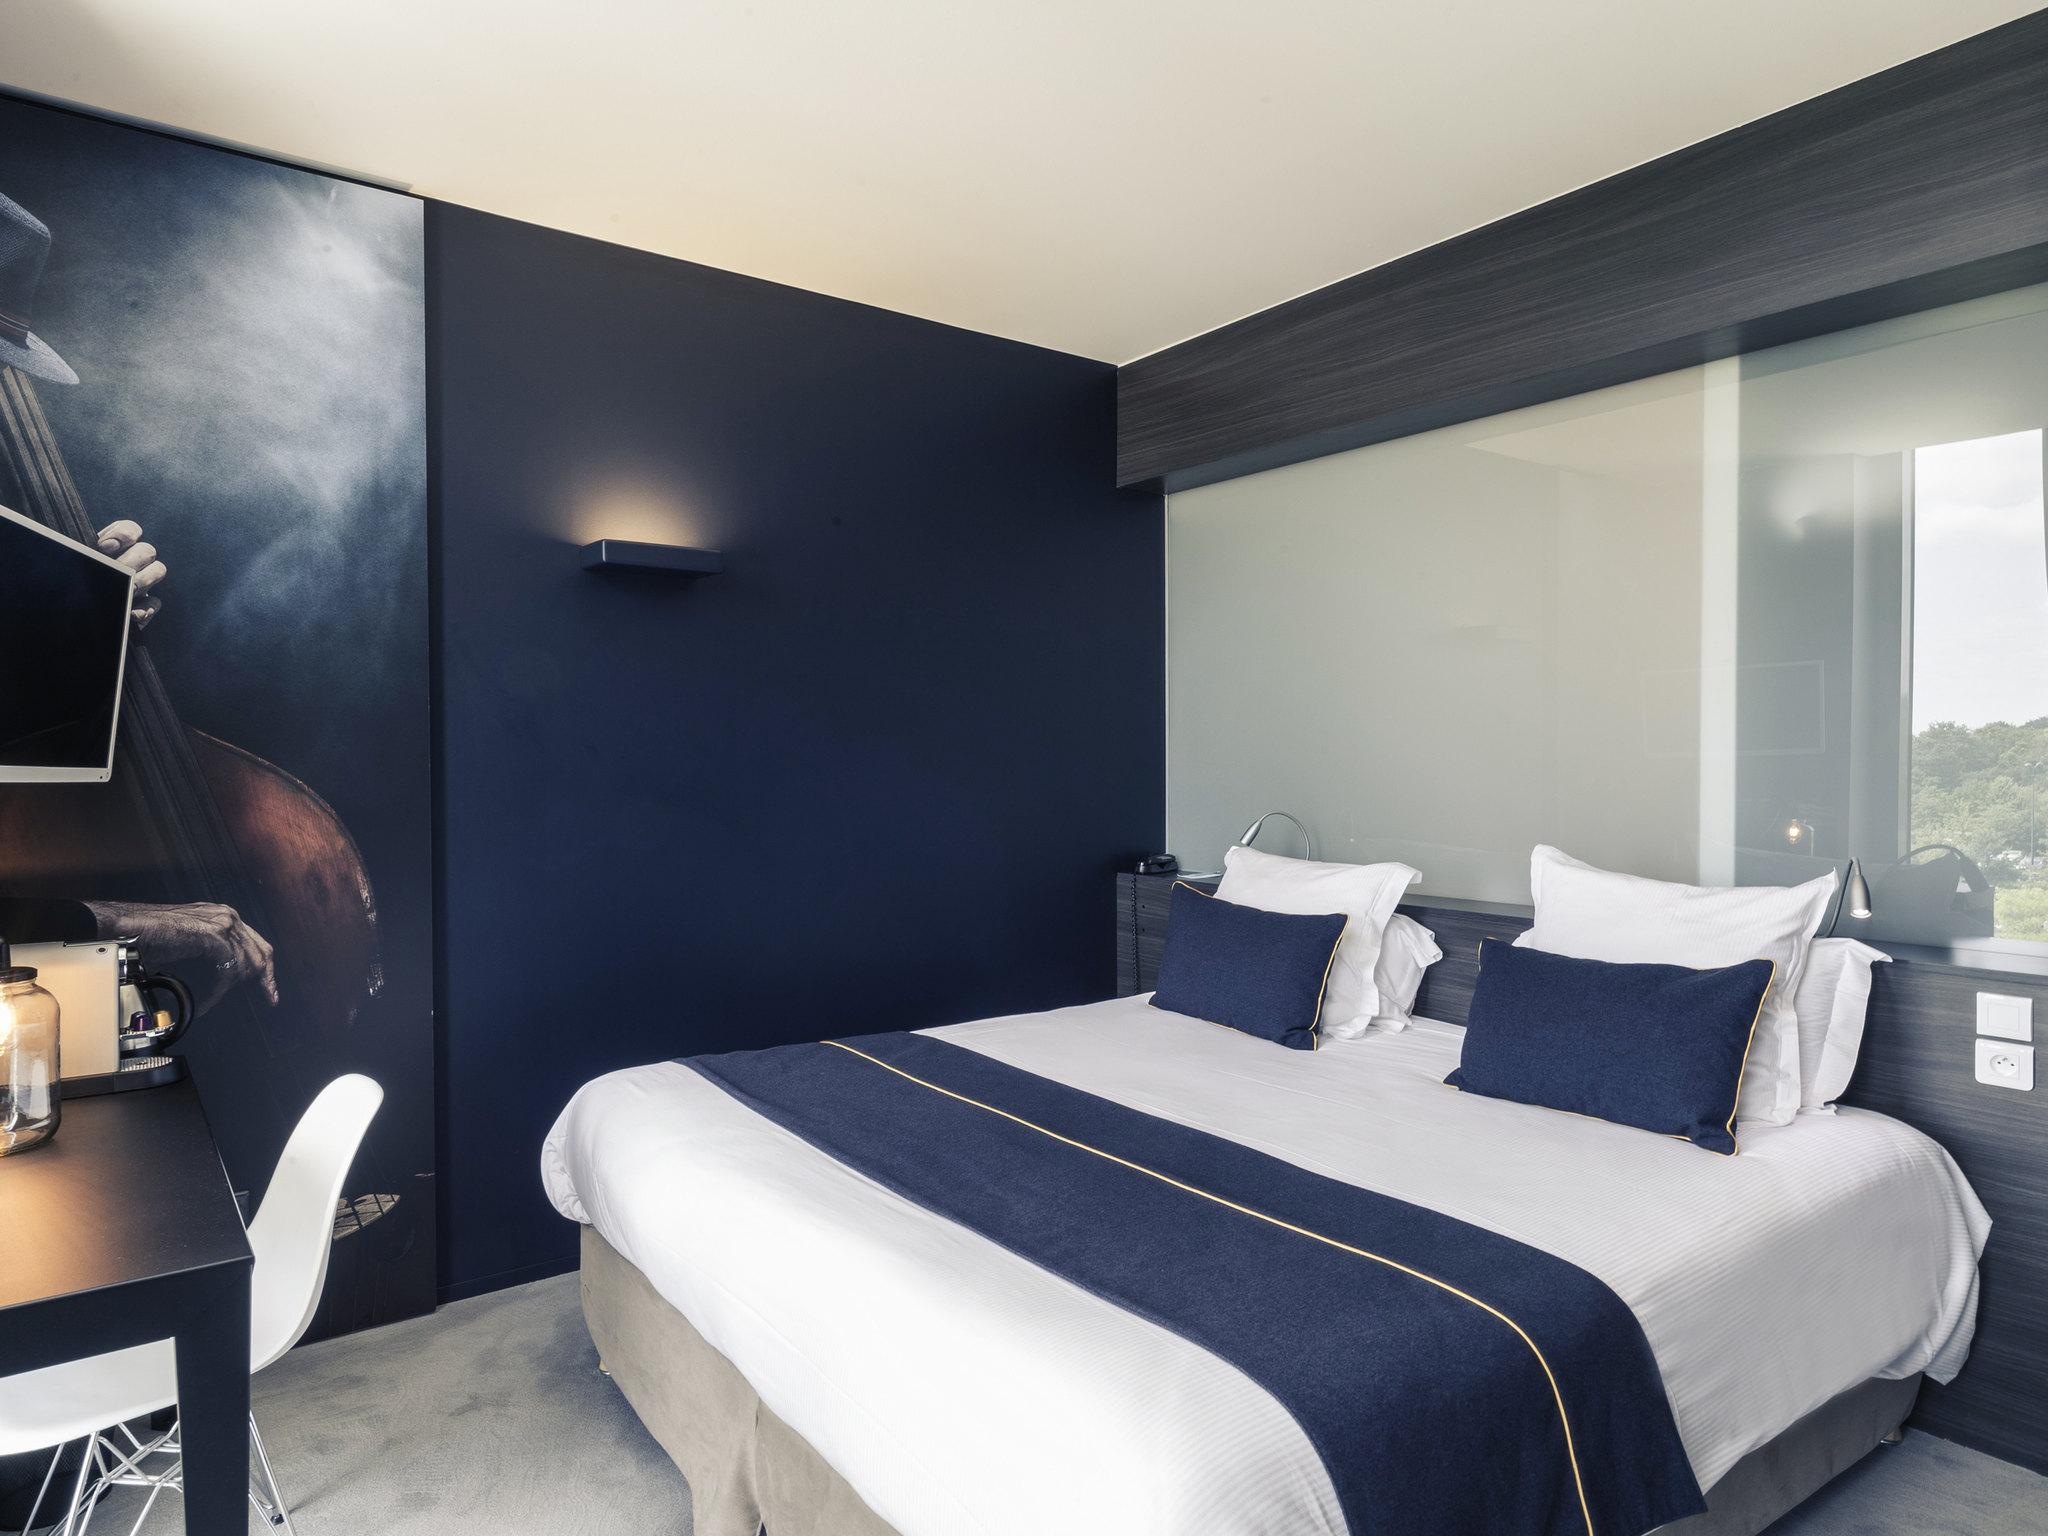 Hotel – Hotel Mercure Nantes Ouest Saint-Herblain Zenith